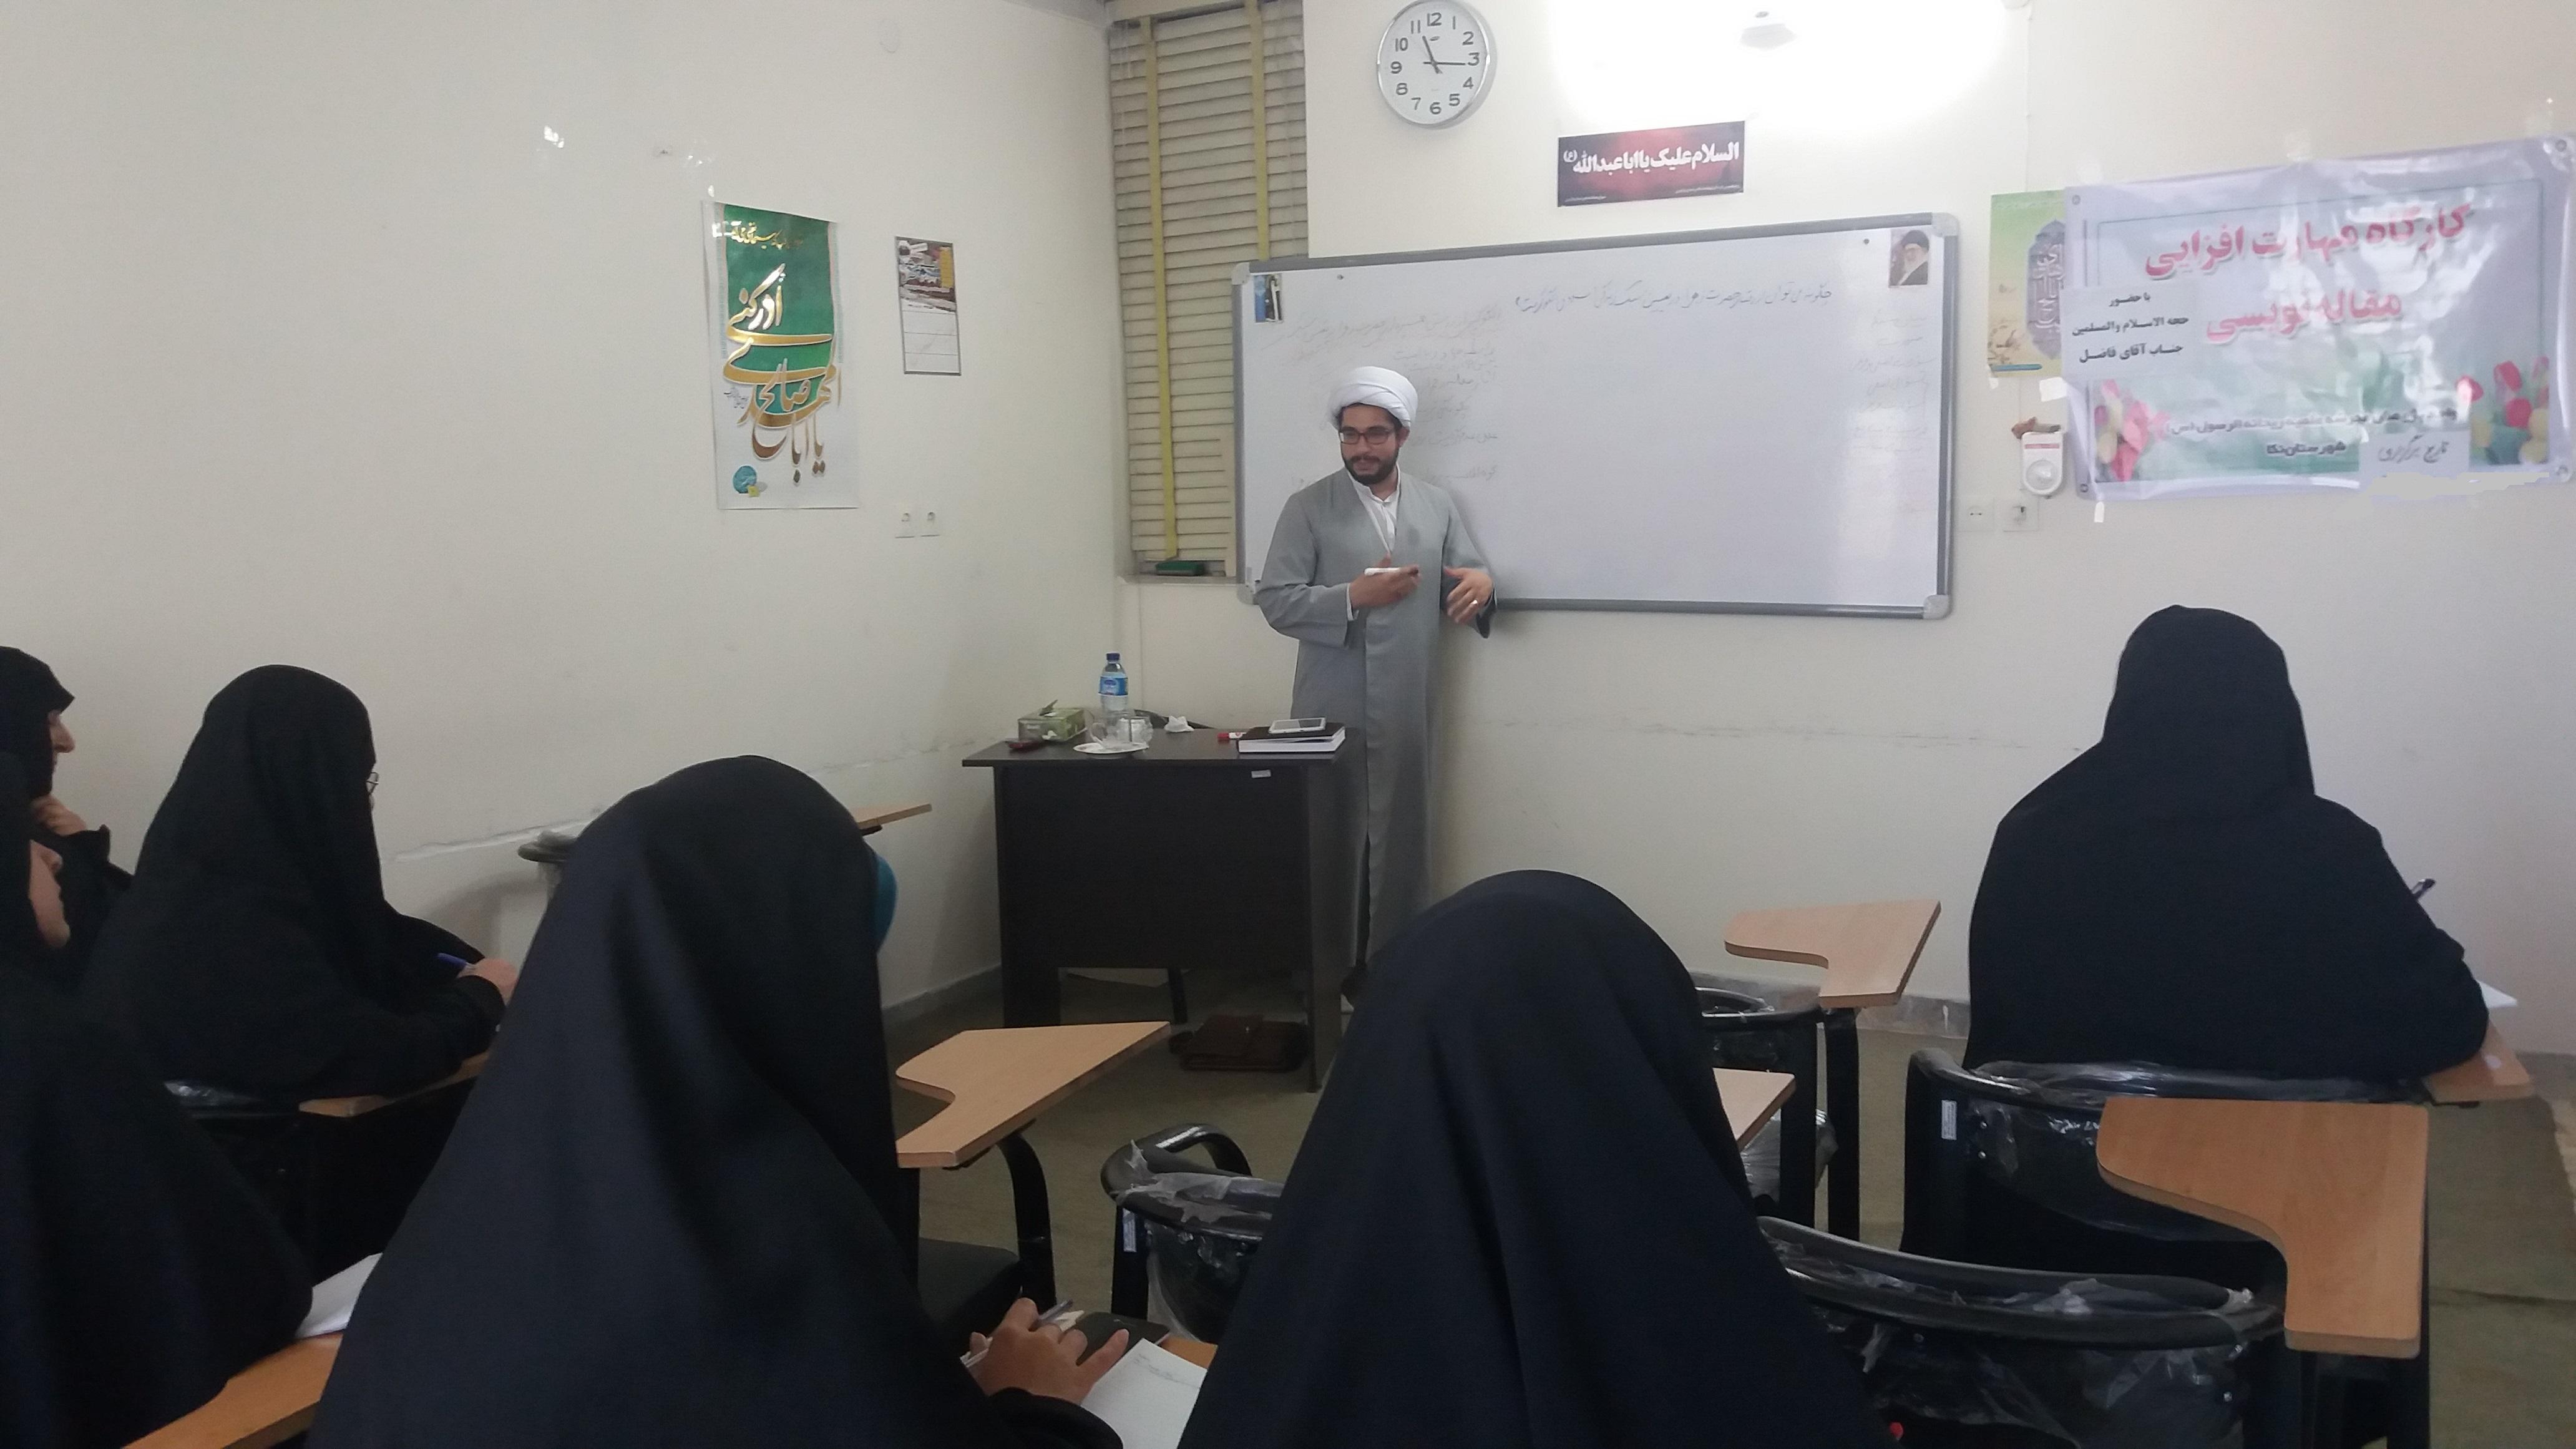 کاترگاه مهارت افزائی روش تحقیق در مدرسه علمیه خواهران نکا